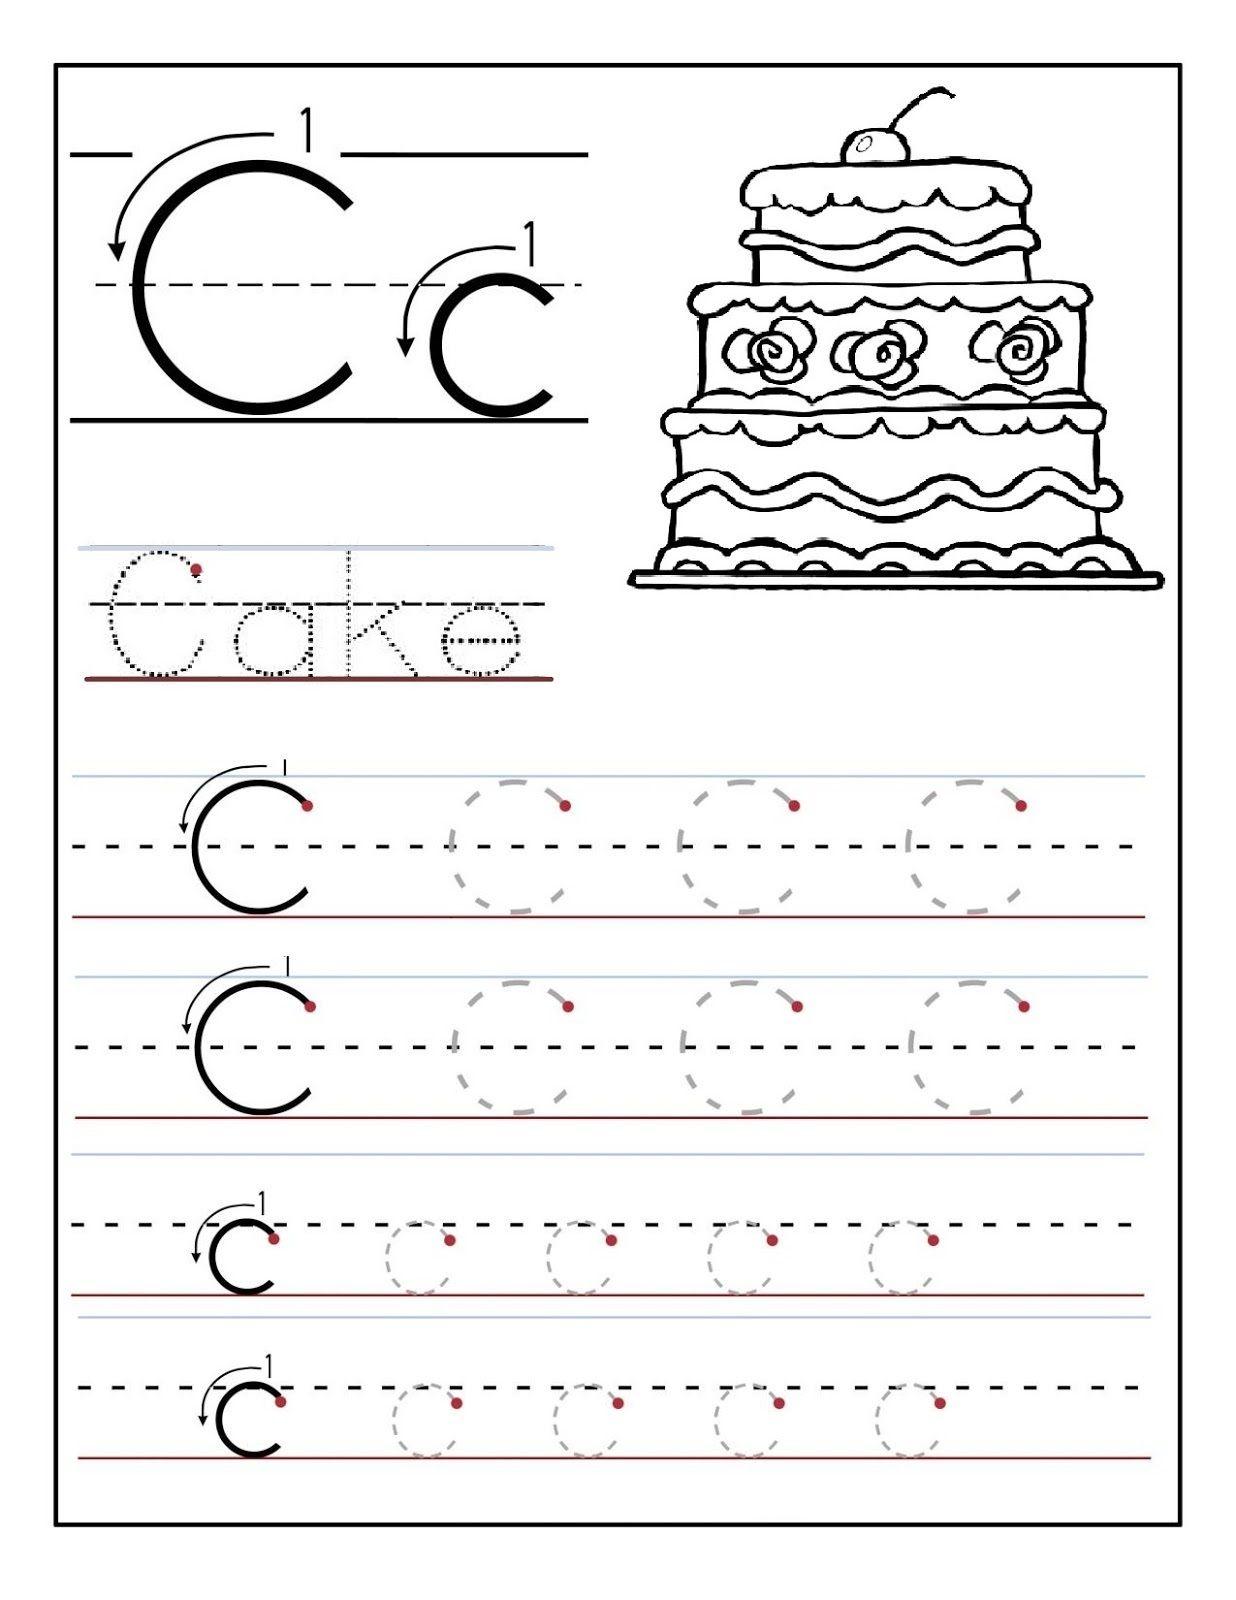 Alphabet Worksheets K5